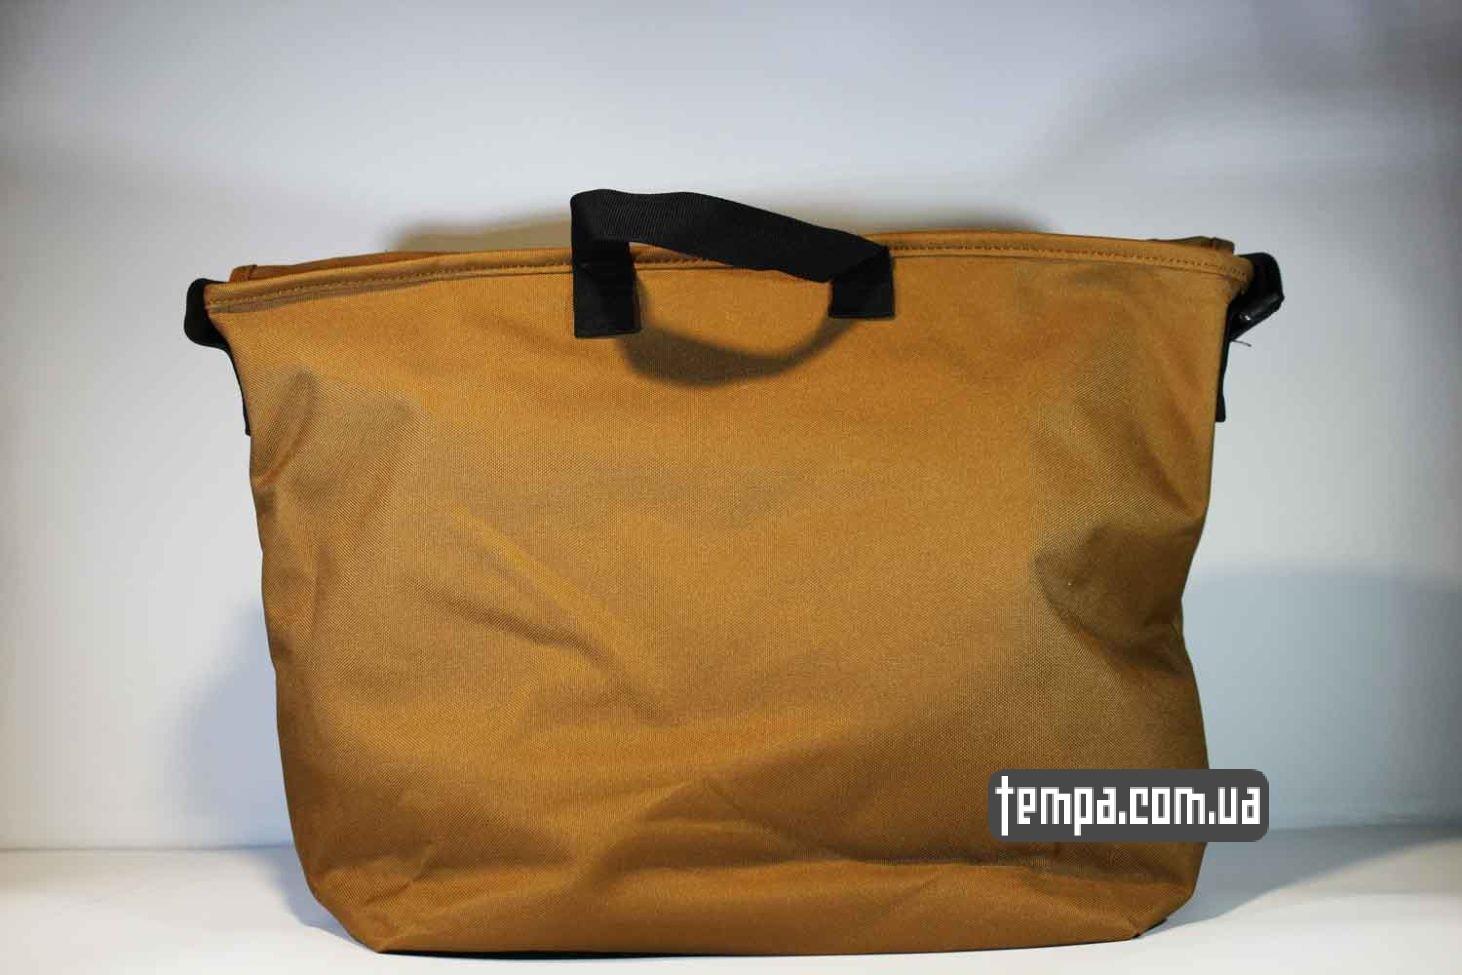 магазин кархарт украина сумка через плечо carhartt bag коричневая купить Украина